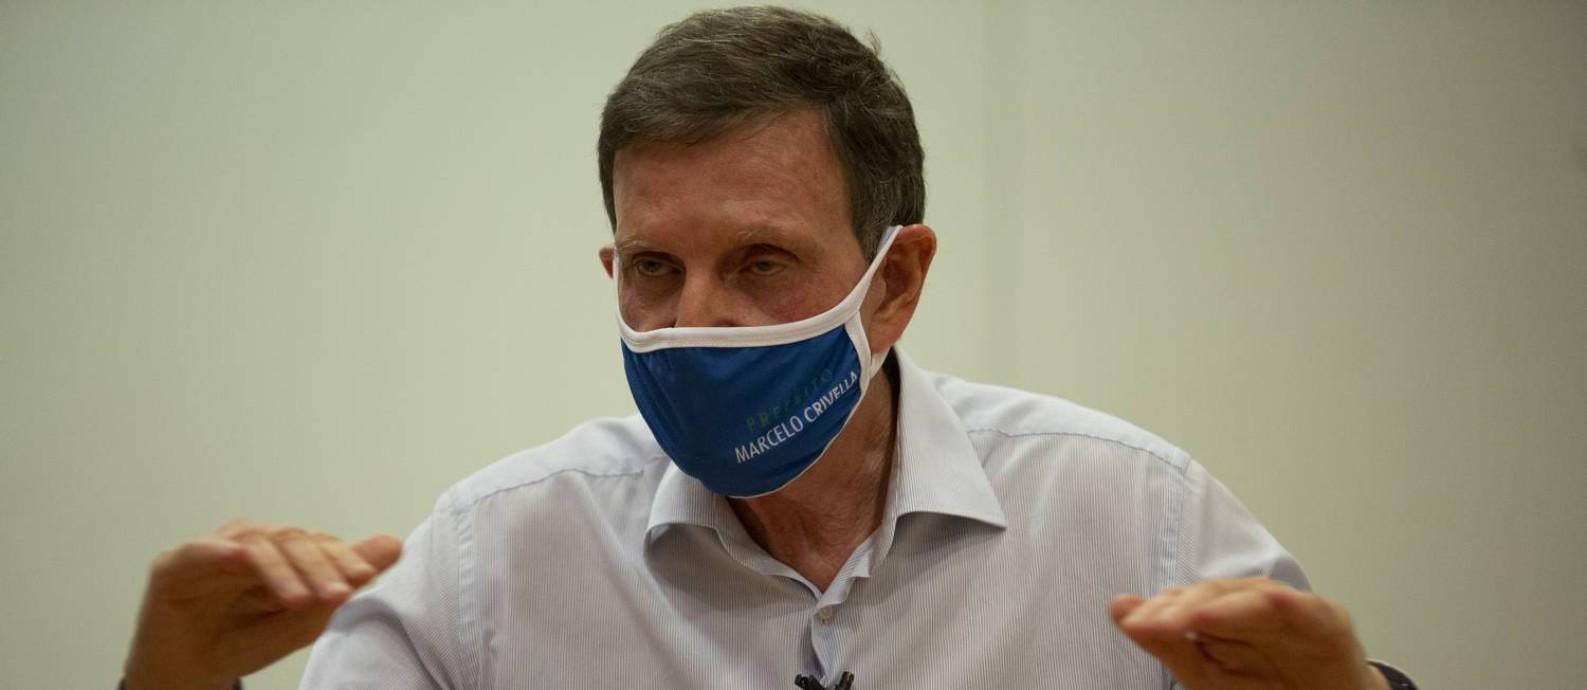 O atual prefeito Marcelo Crivella tenta a reeleição Foto: Gabriel Monteiro / Agência O Globo